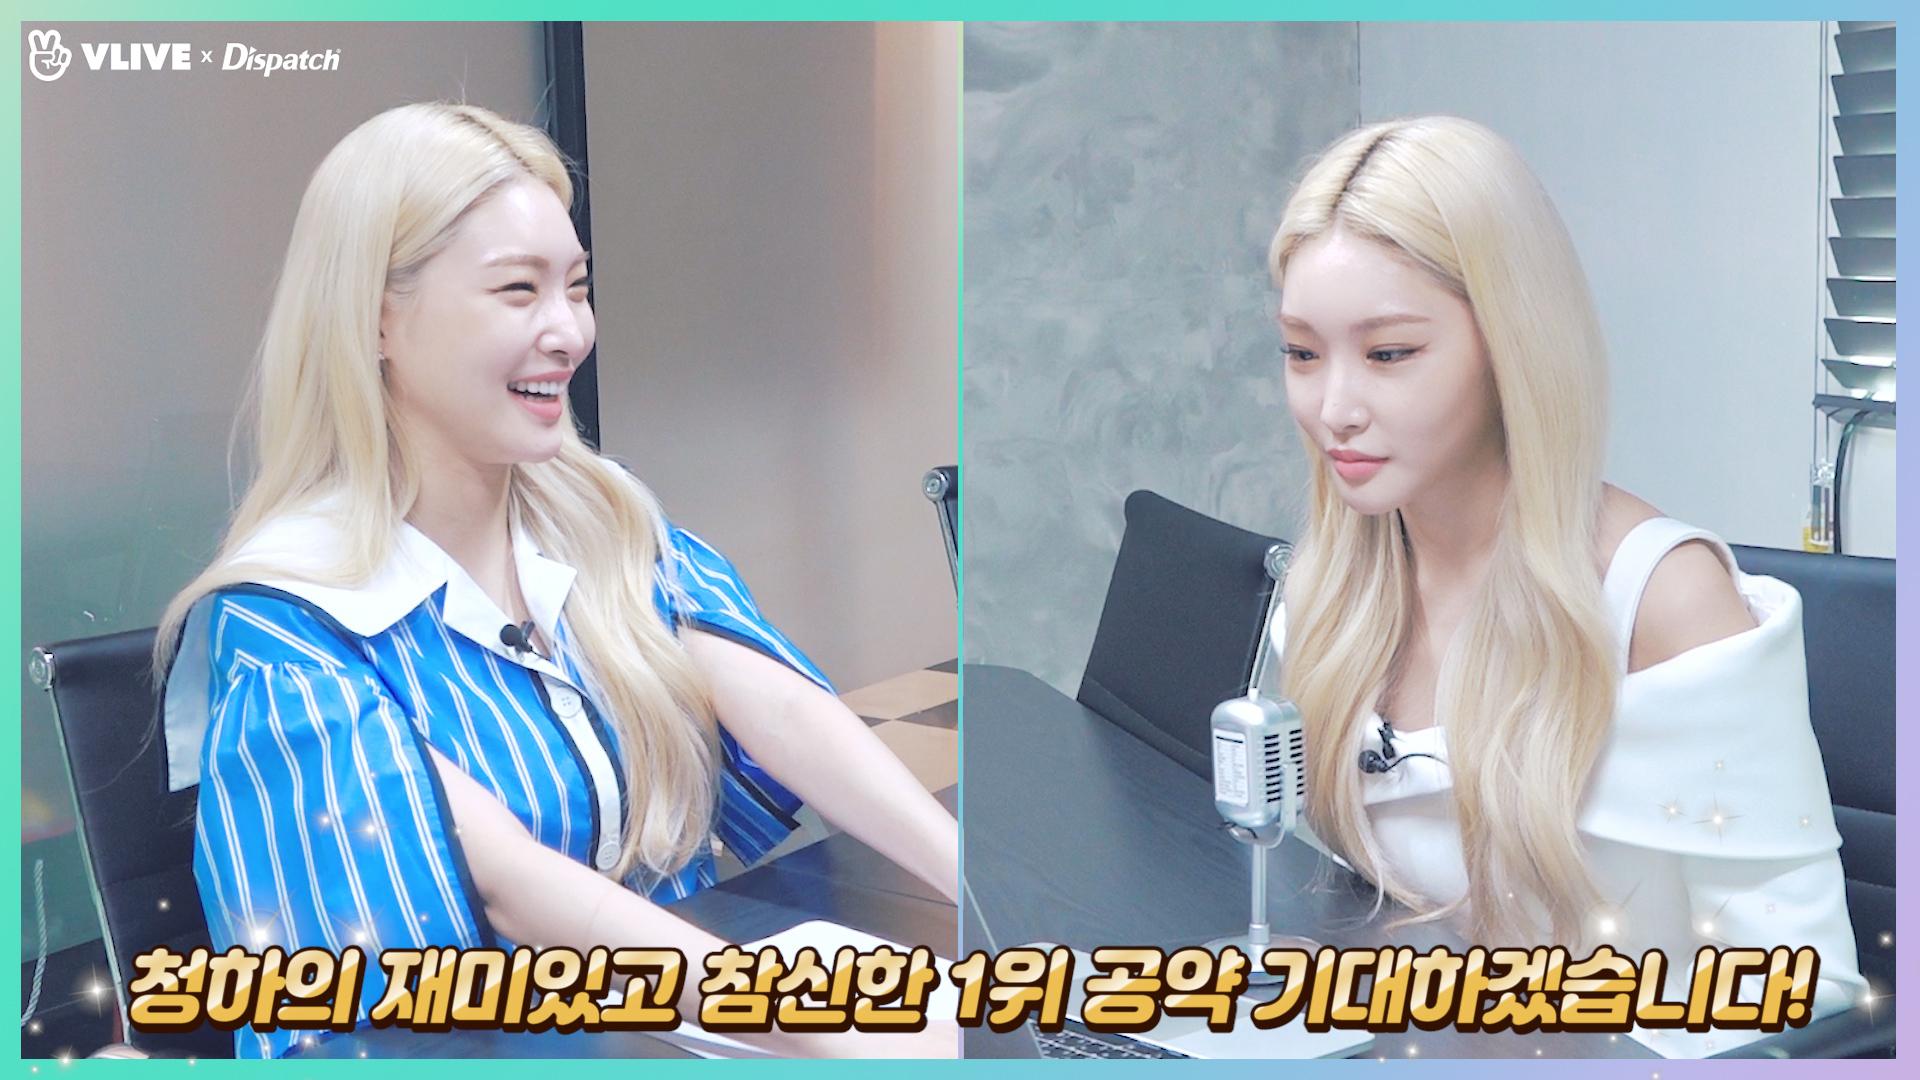 """[ⓓxV] """"17.67MHz 청하랑 별하랑 라디오"""" (청하:CHUNG HA)"""